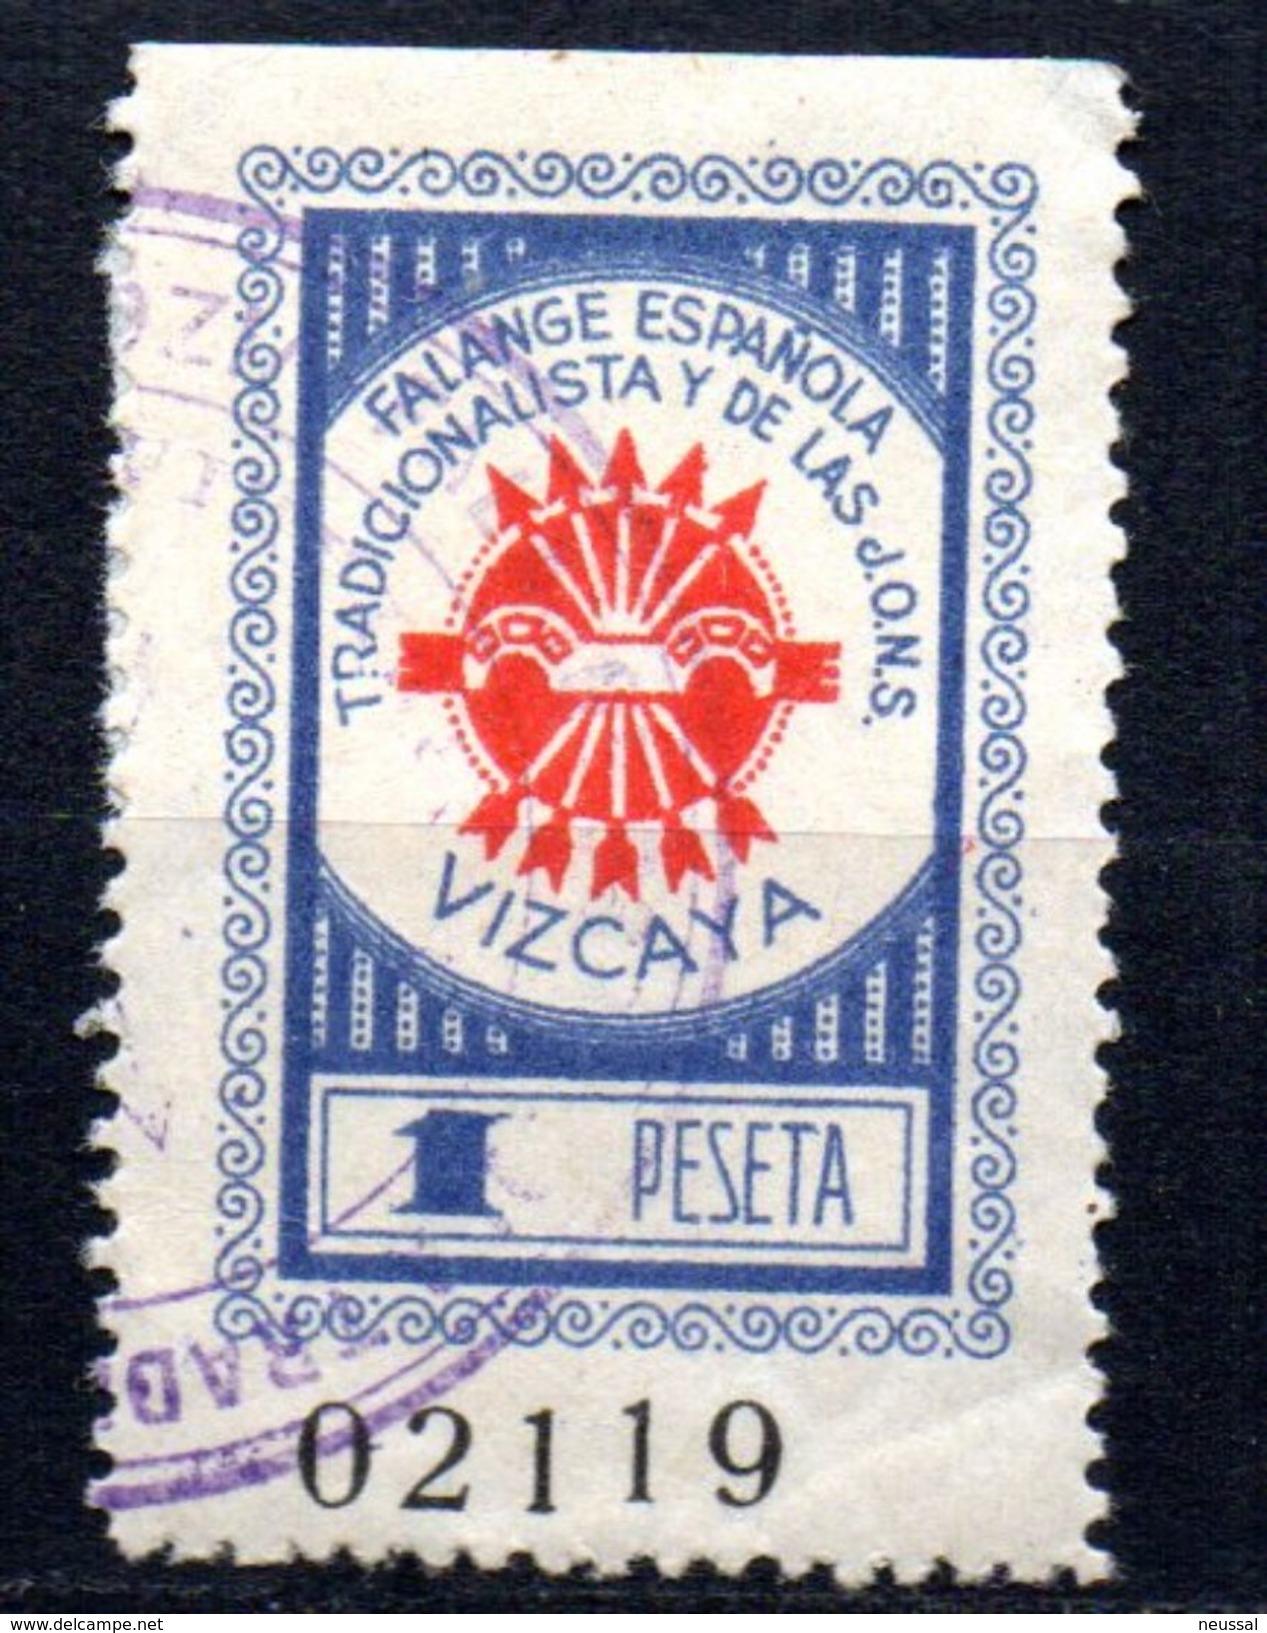 Viñeta Nº 8  Falange Española  Vizcaya. - Viñetas De La Guerra Civil